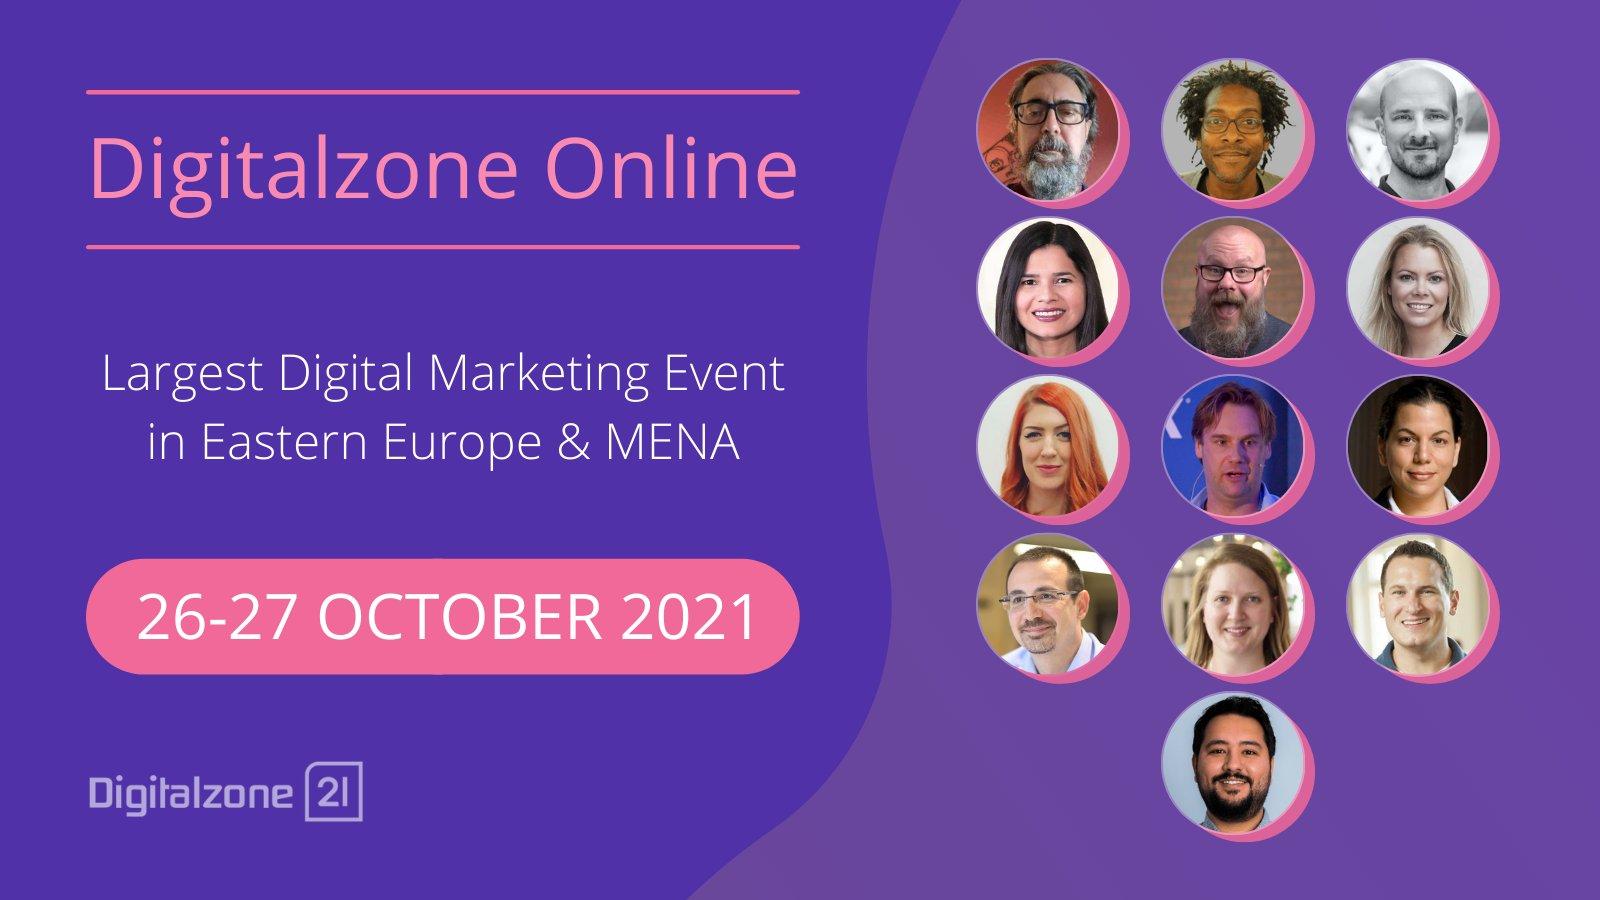 Digitalzone'21 Online